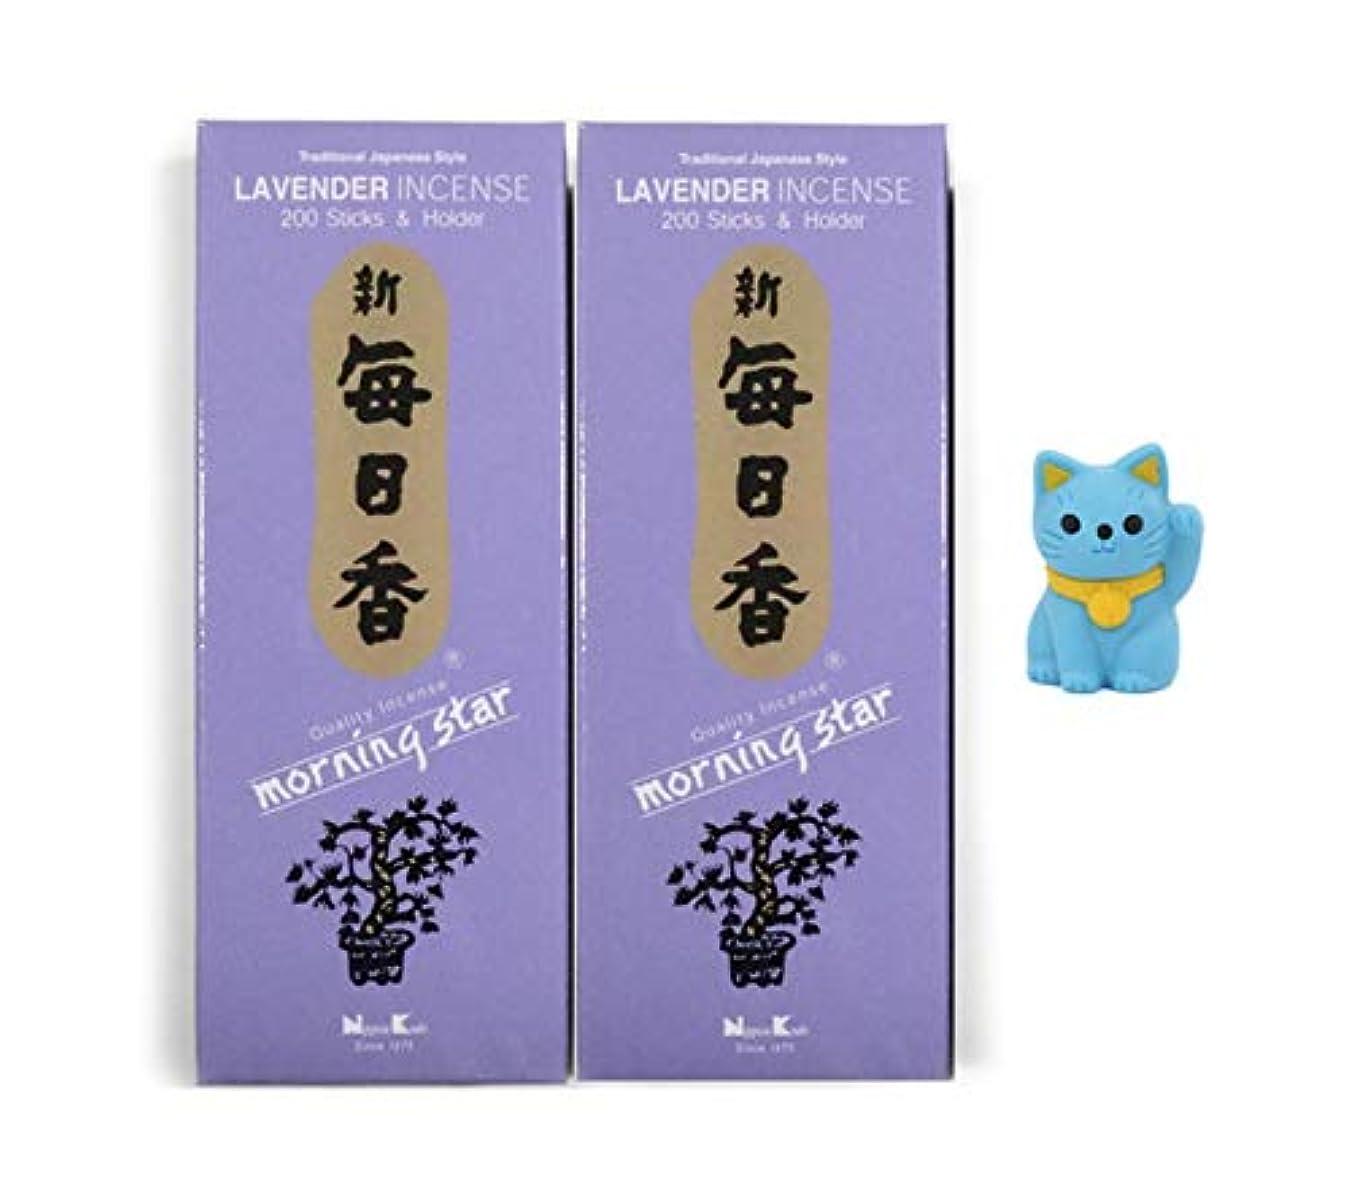 コアシャット喉頭日本香堂 モーニングスター香 ピュアフローラルエッセンスとアロマティックウッド パープル